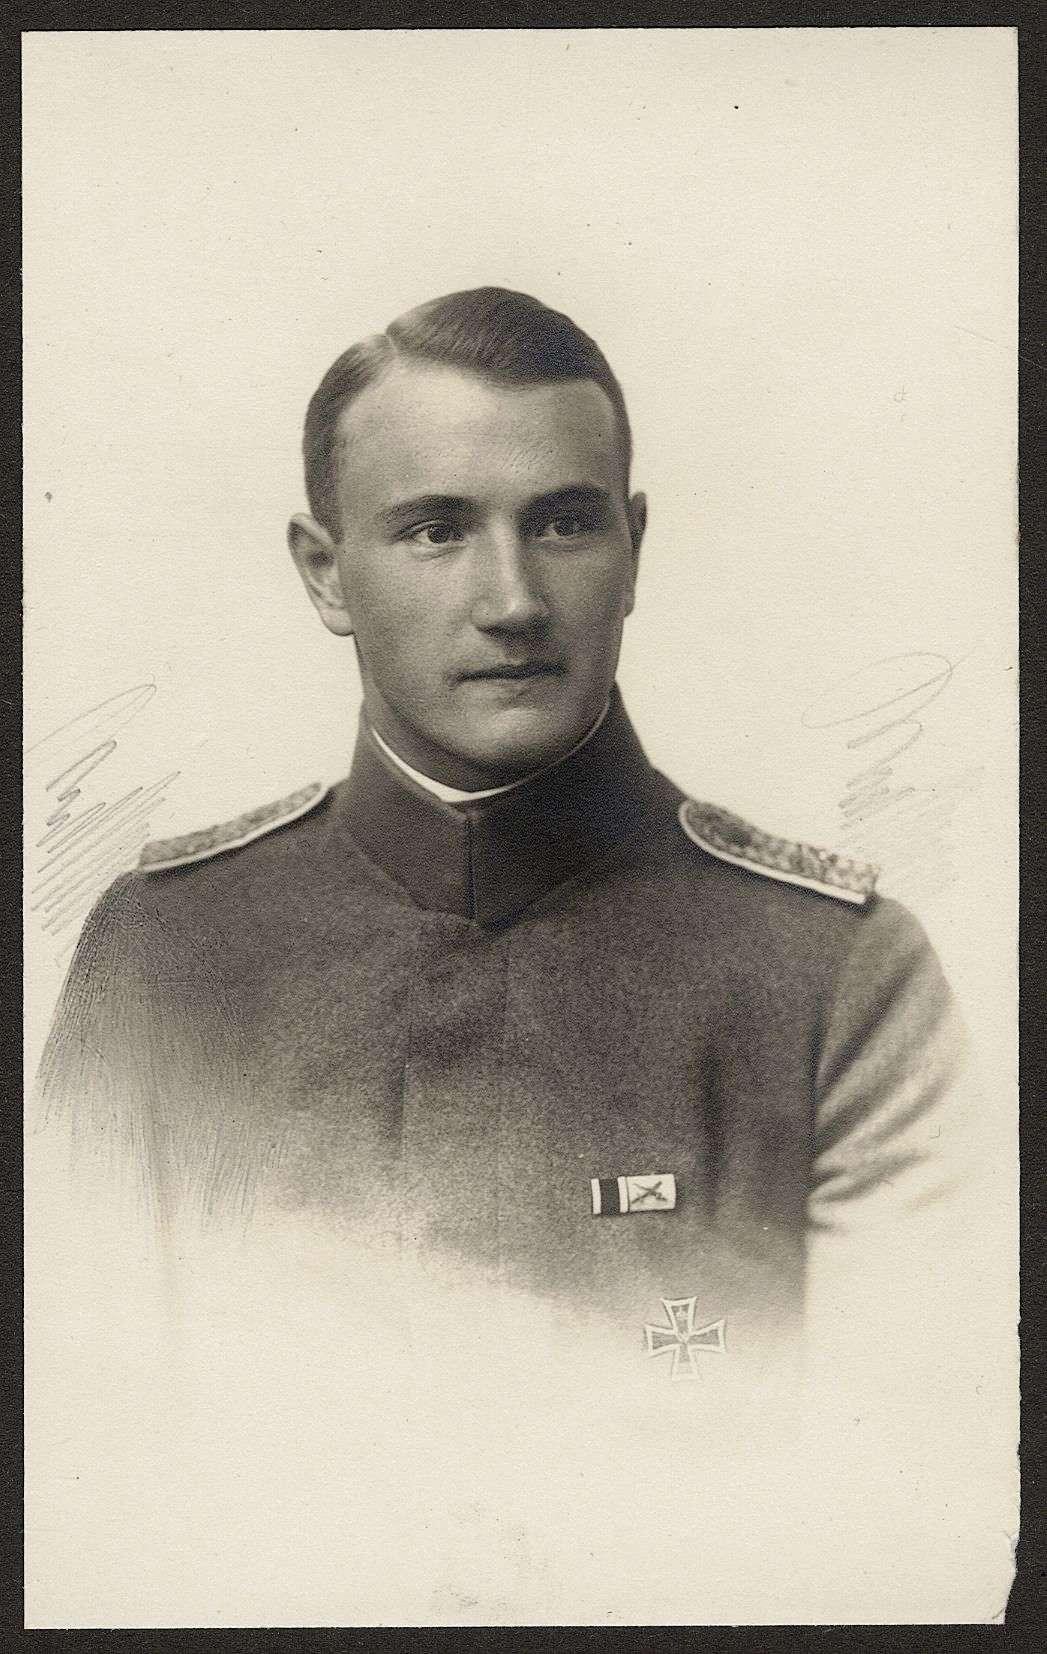 Groß, Gustav, Bild 1